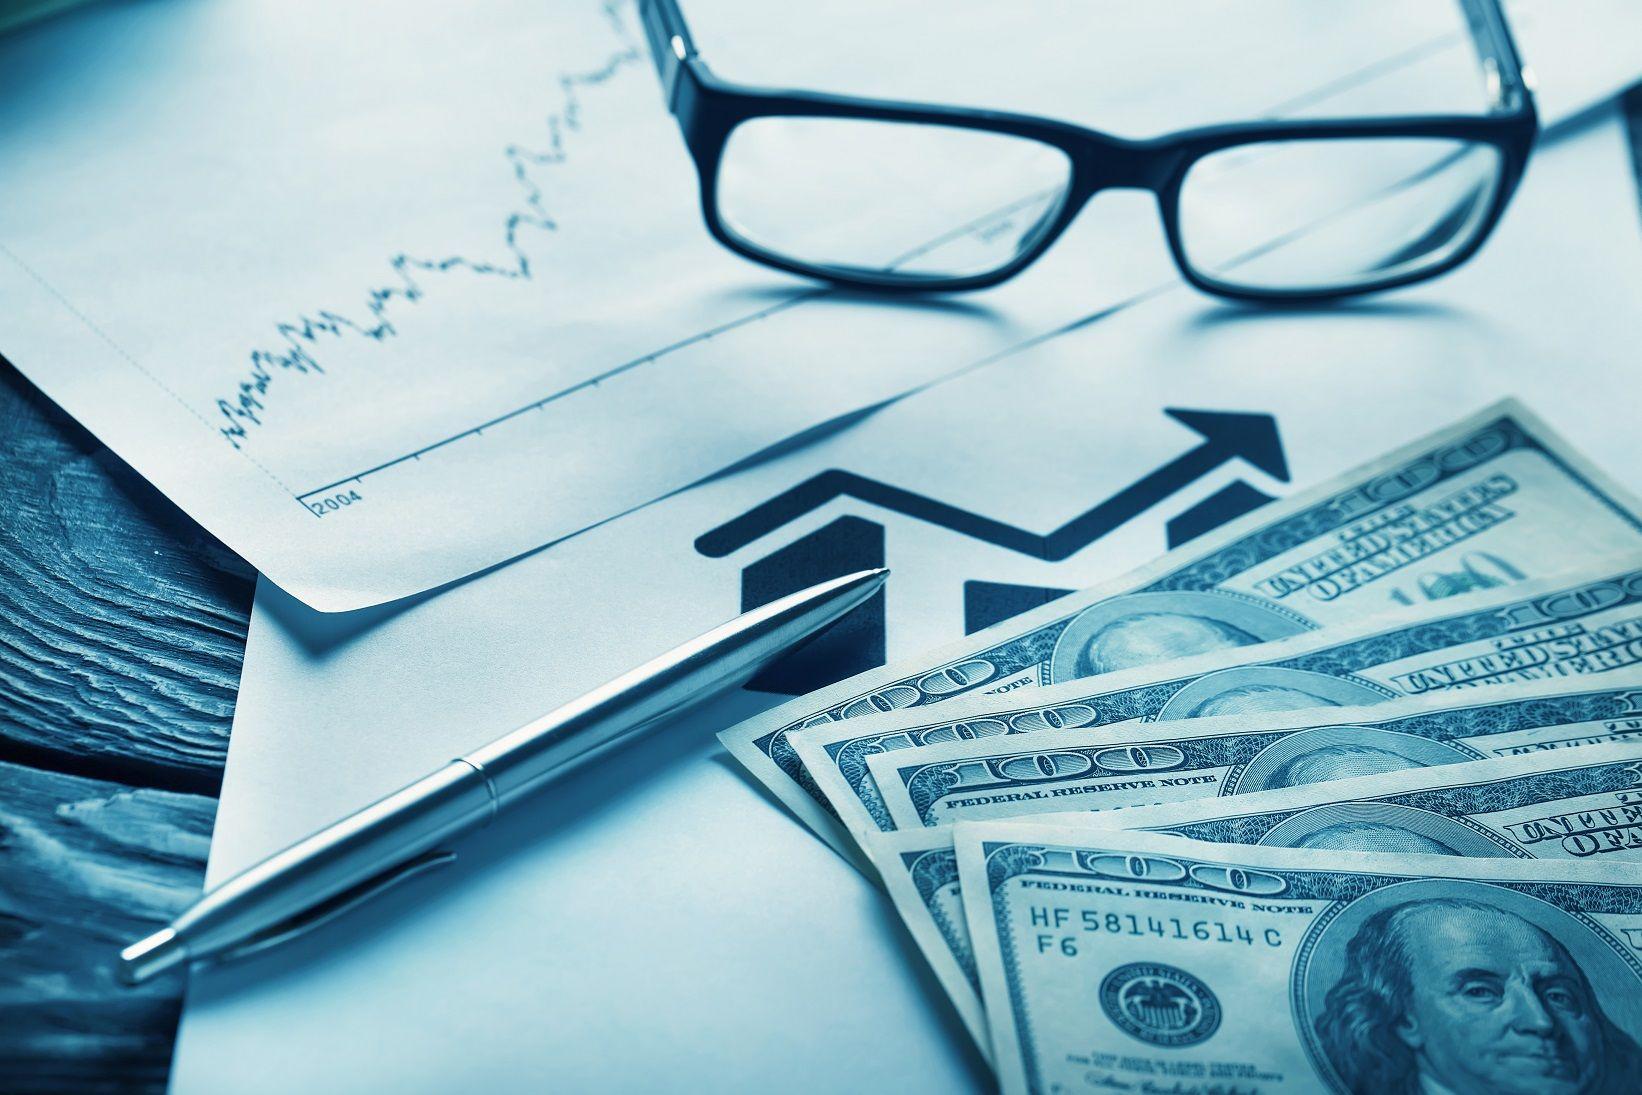 Американский финансовый регулятор призывает переходить от LIBOR на другие ставки